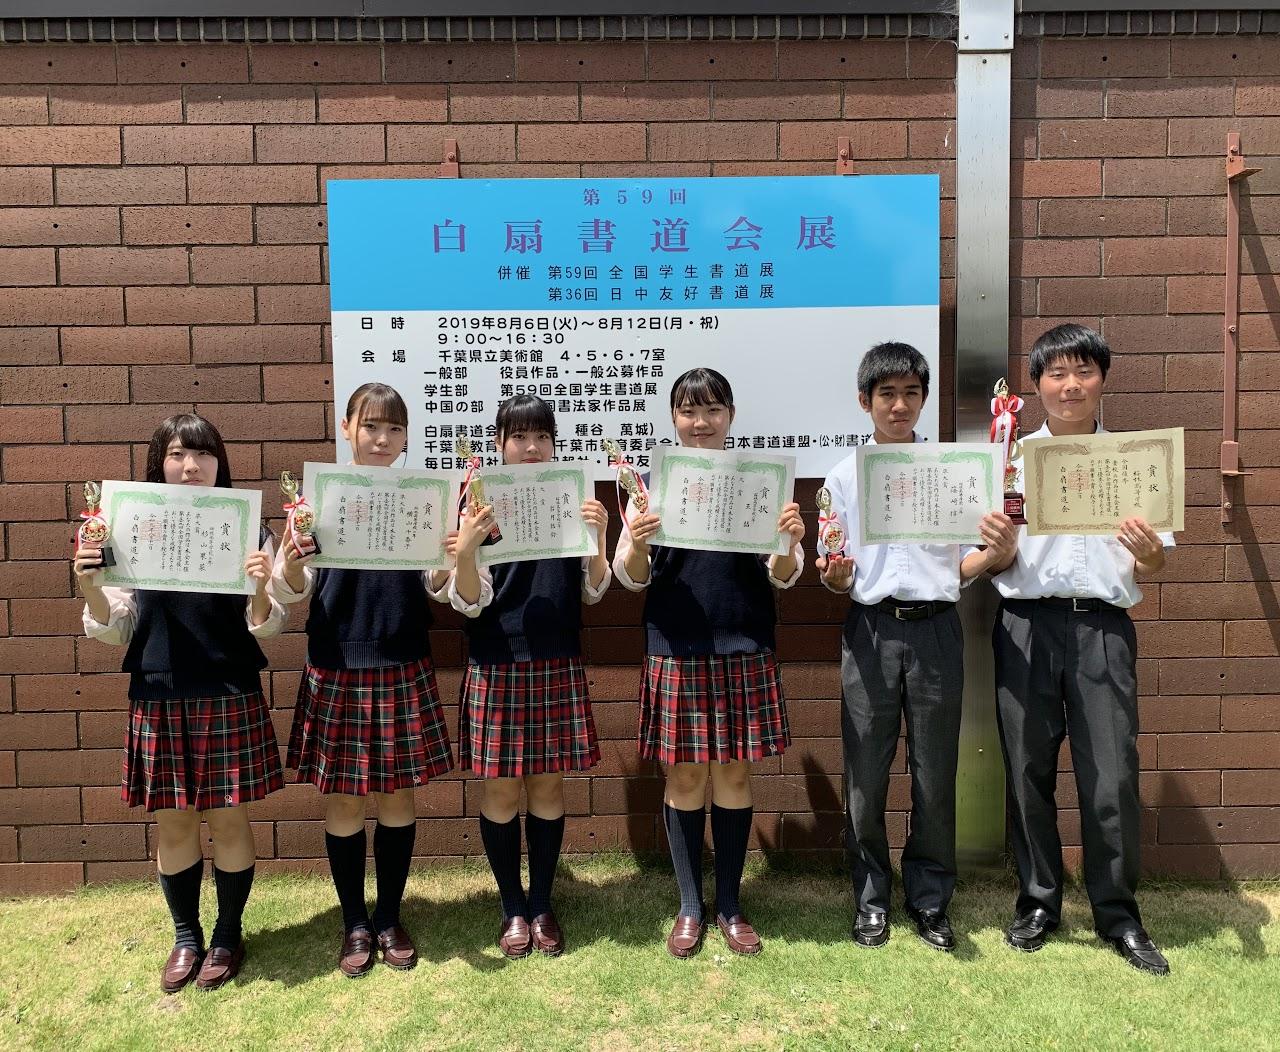 全国学生展 表彰式